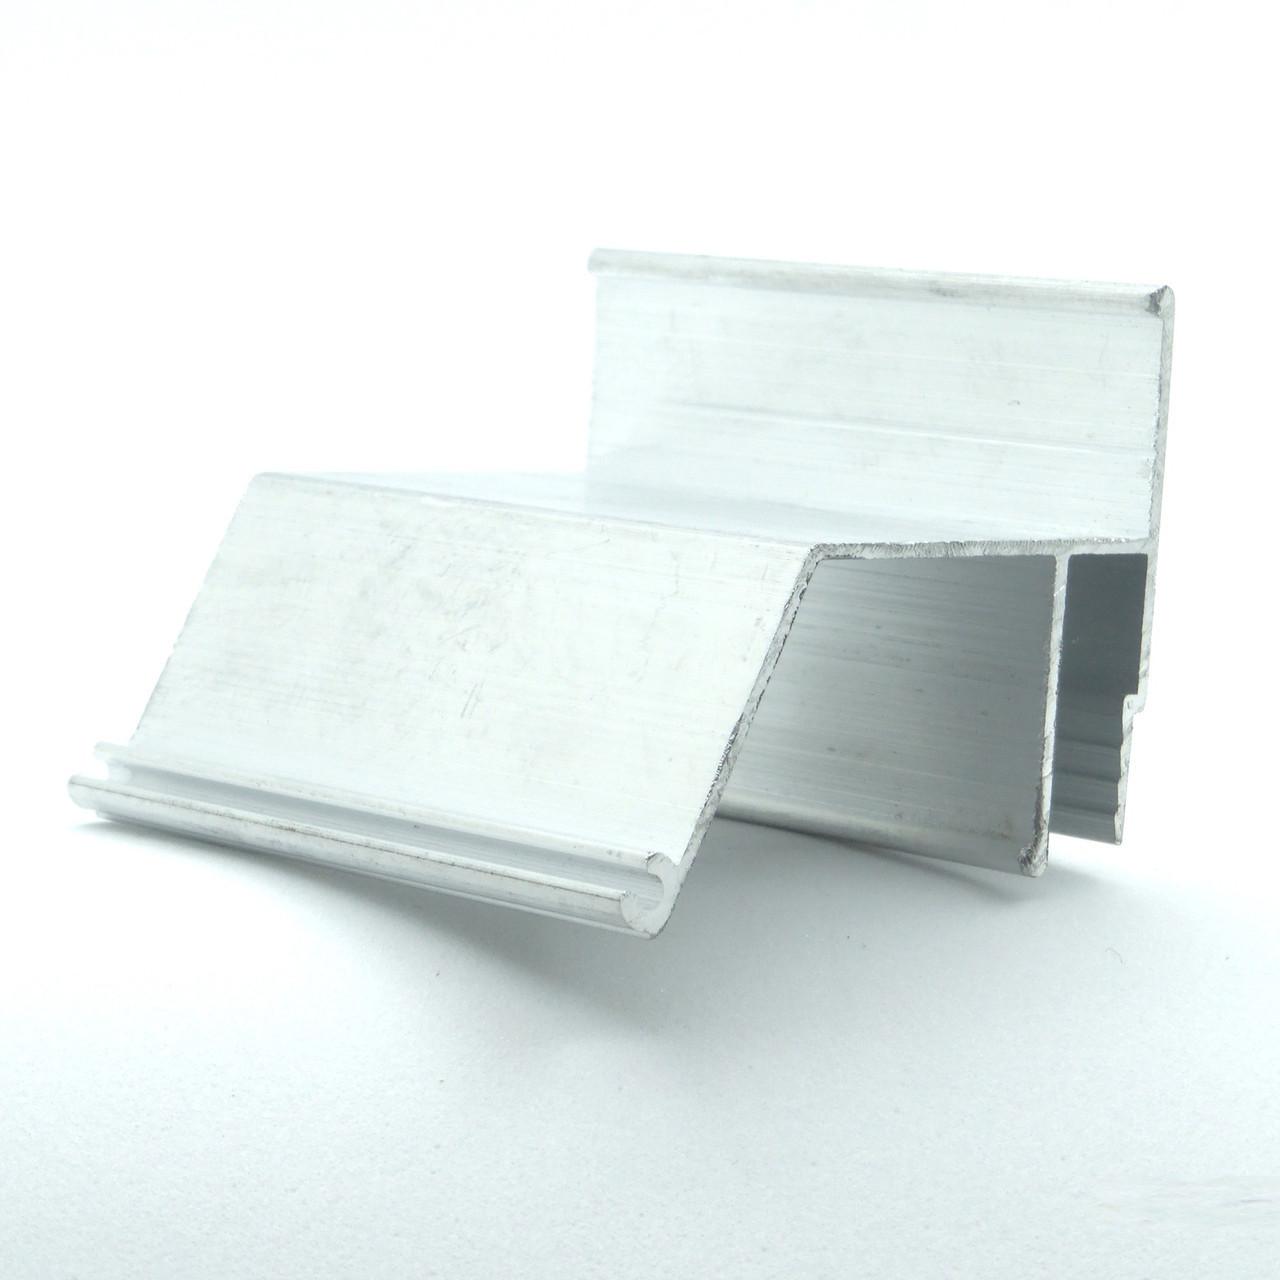 Профіль алюмінієвий для натяжних стель - ширяючий контур, з підсвічуванням. Довжина профілю 2 м.